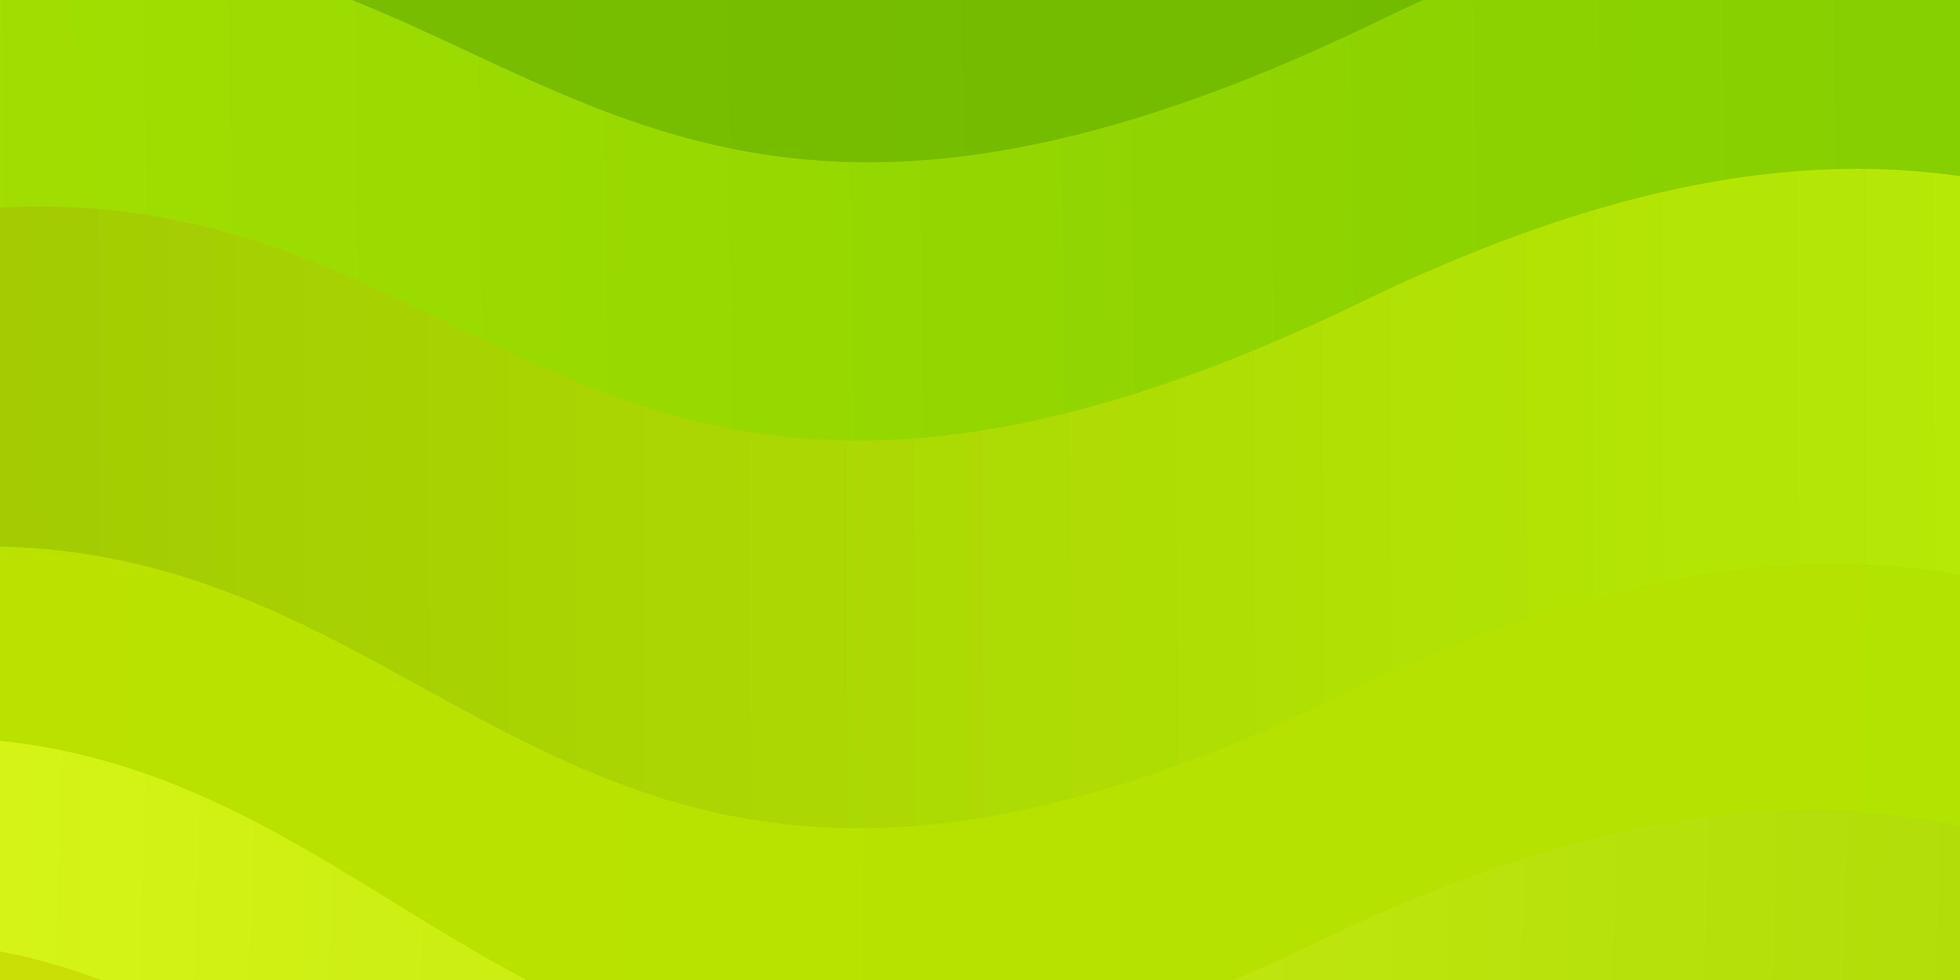 groene en gele textuur met rondingen. vector